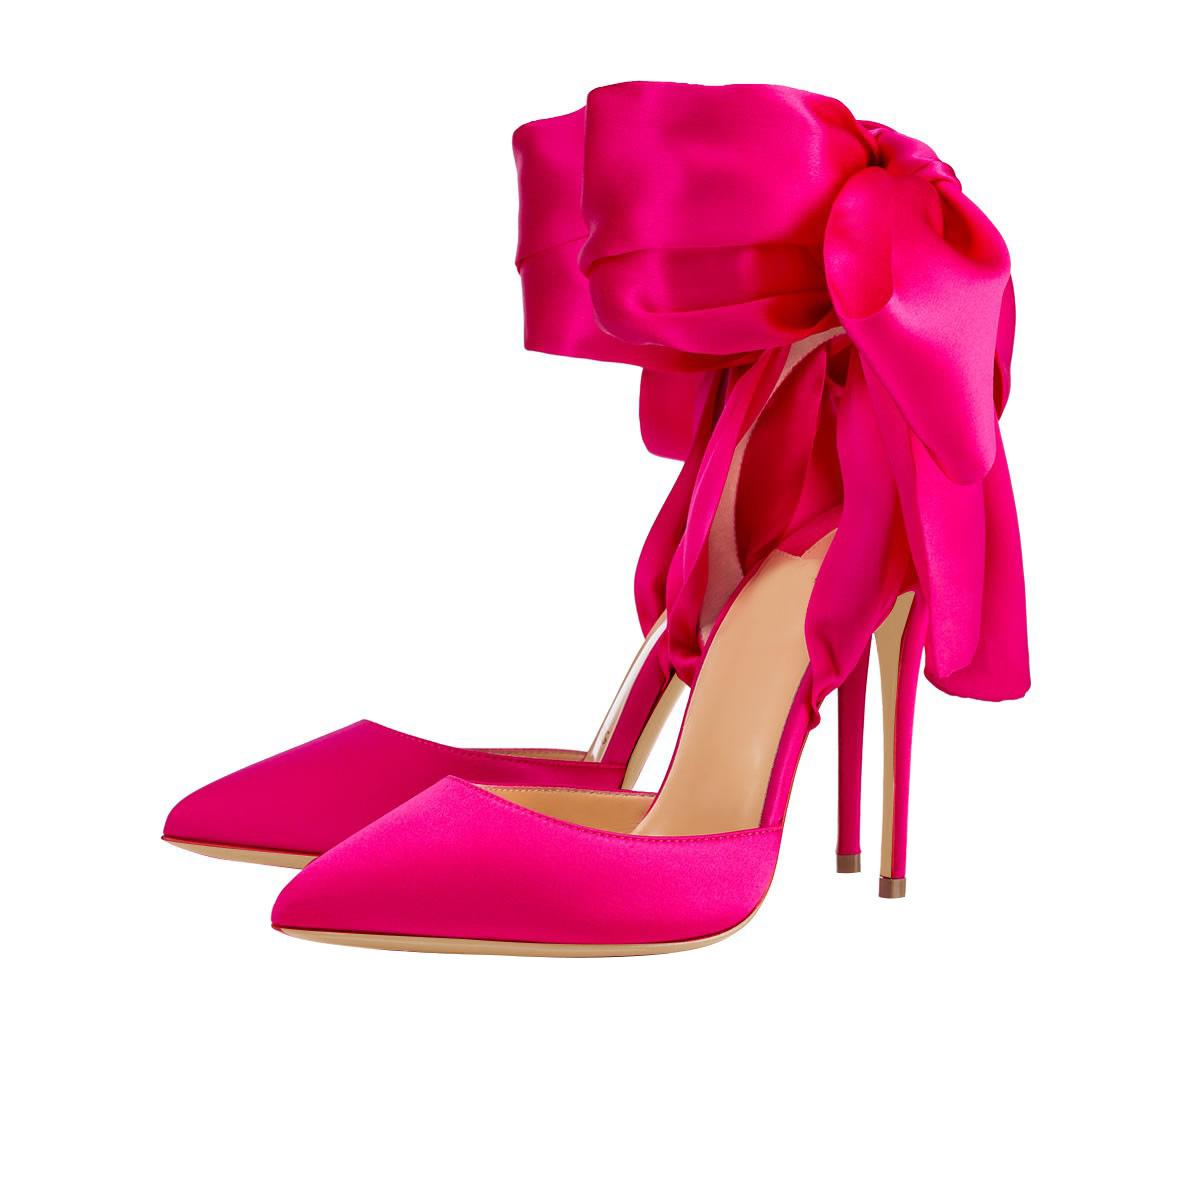 scarpe rosse di vestito dal raso online scarpe rosse di vestito dal raso in vendita su it dhgate com nuovo 8 5 centimetri 10 centimetri 12 centimetri pompe a punta banchetto toe in raso papillon moda inferiori abito scarpe tacco alto da sposa rosso